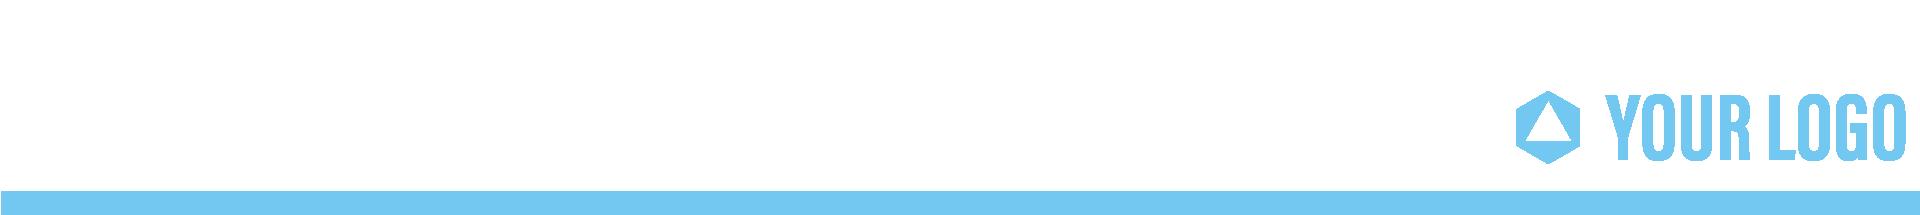 Company logo in the header